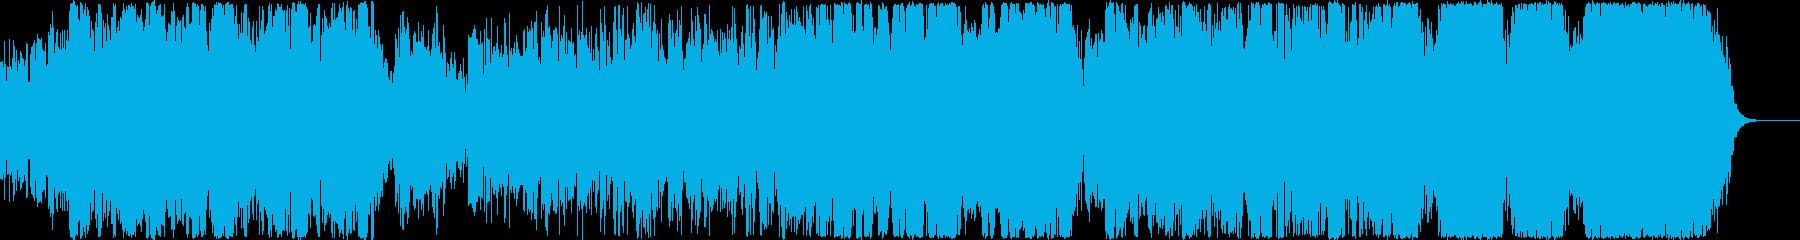 エレキ・オーケストラ融合 戦闘曲の再生済みの波形